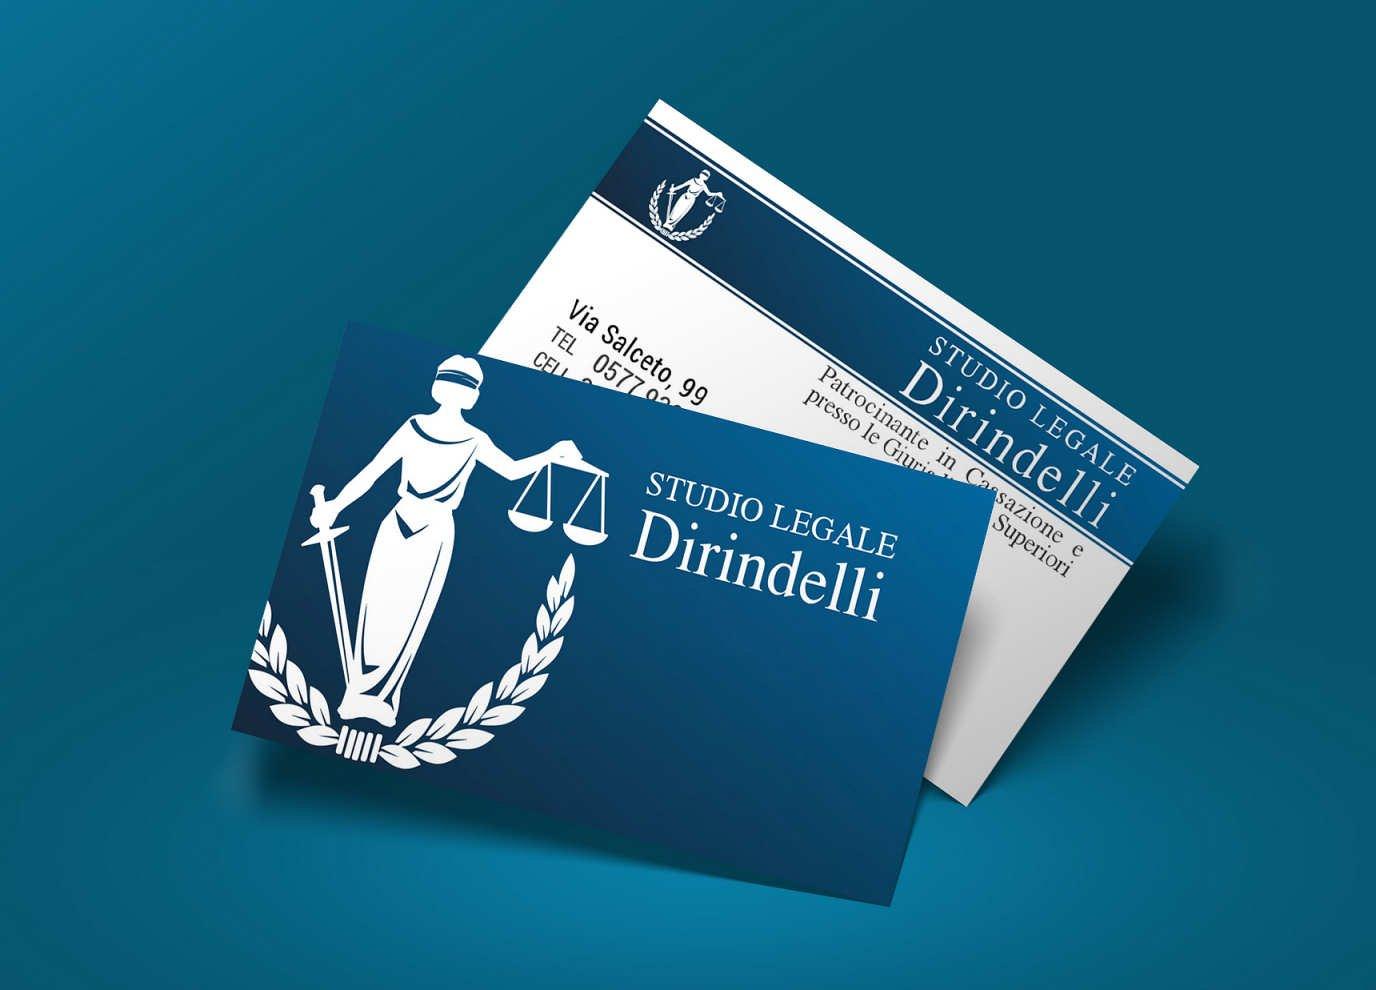 bdv-studio-legale-dirindelli-web